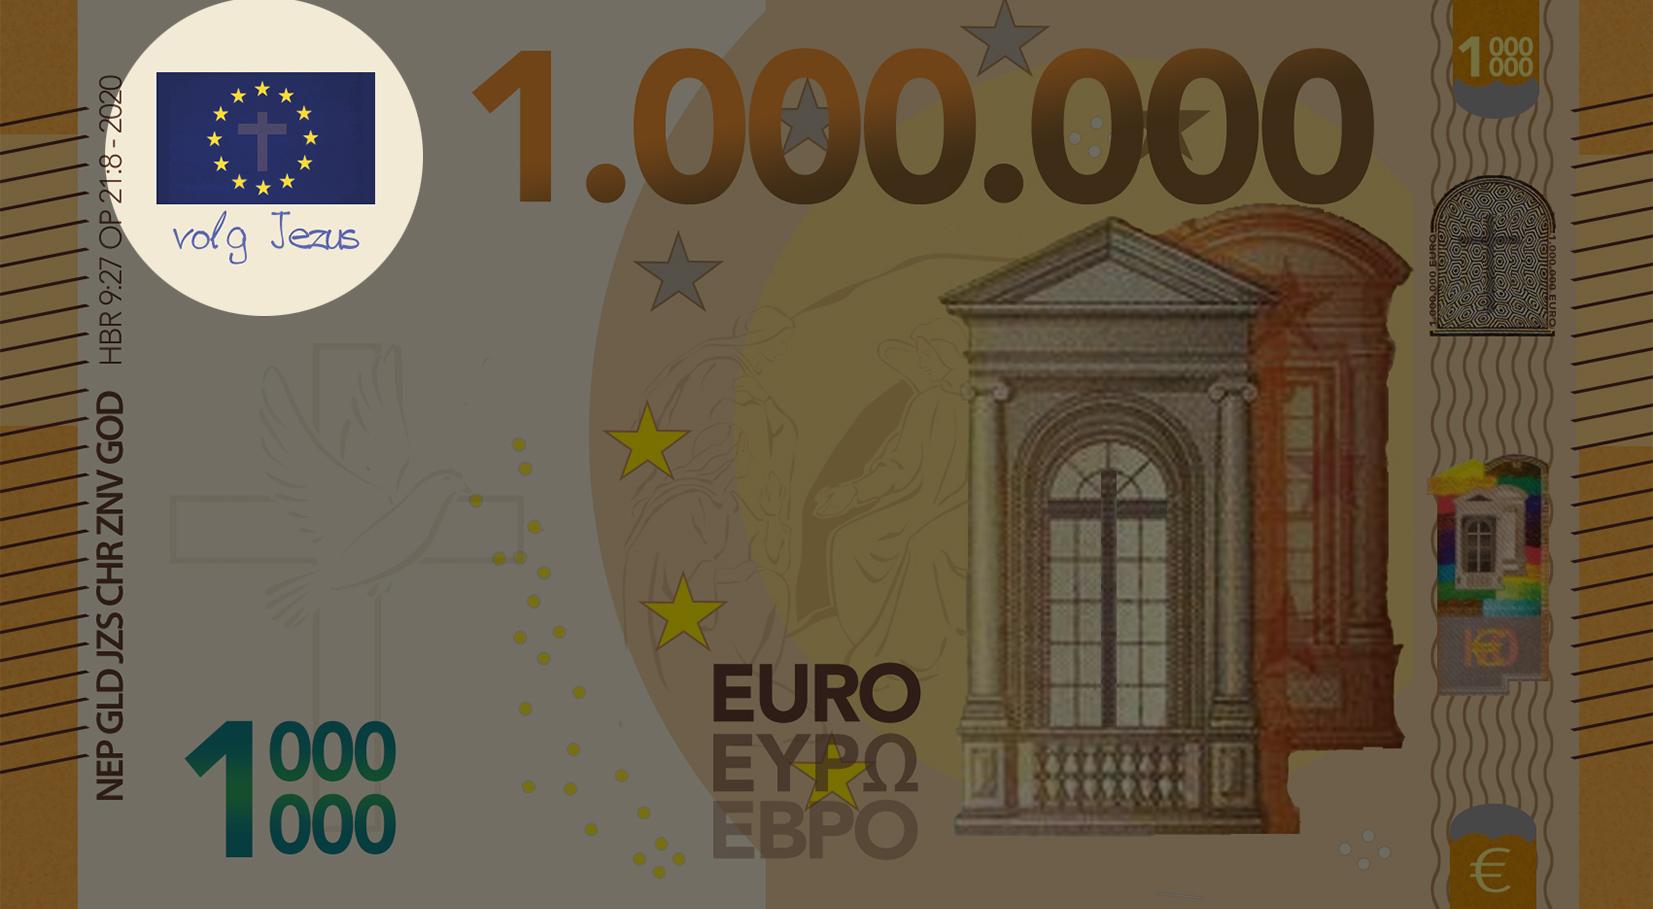 Miljoen Euro Biljet - 2018 voorkant linksboven uitgelicht - evangelisatie-materiaal.nl